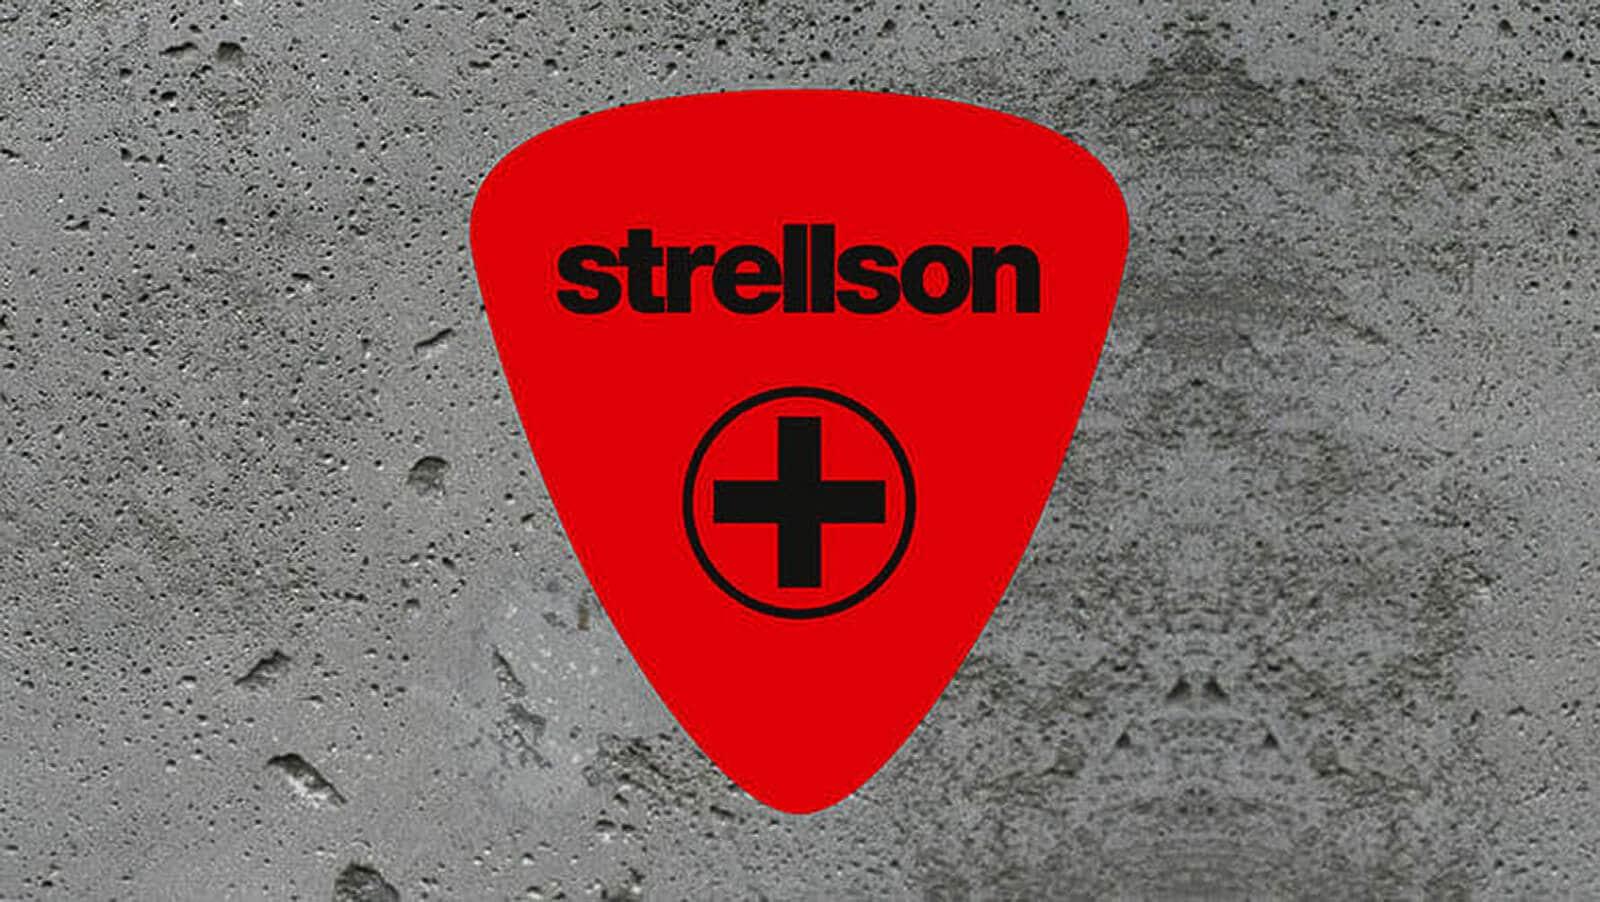 Strellson Messenger Morrison Bag - Für Männer die wissen, was sie wollen: unkonventionell - selbstbewusst - stilsicher.